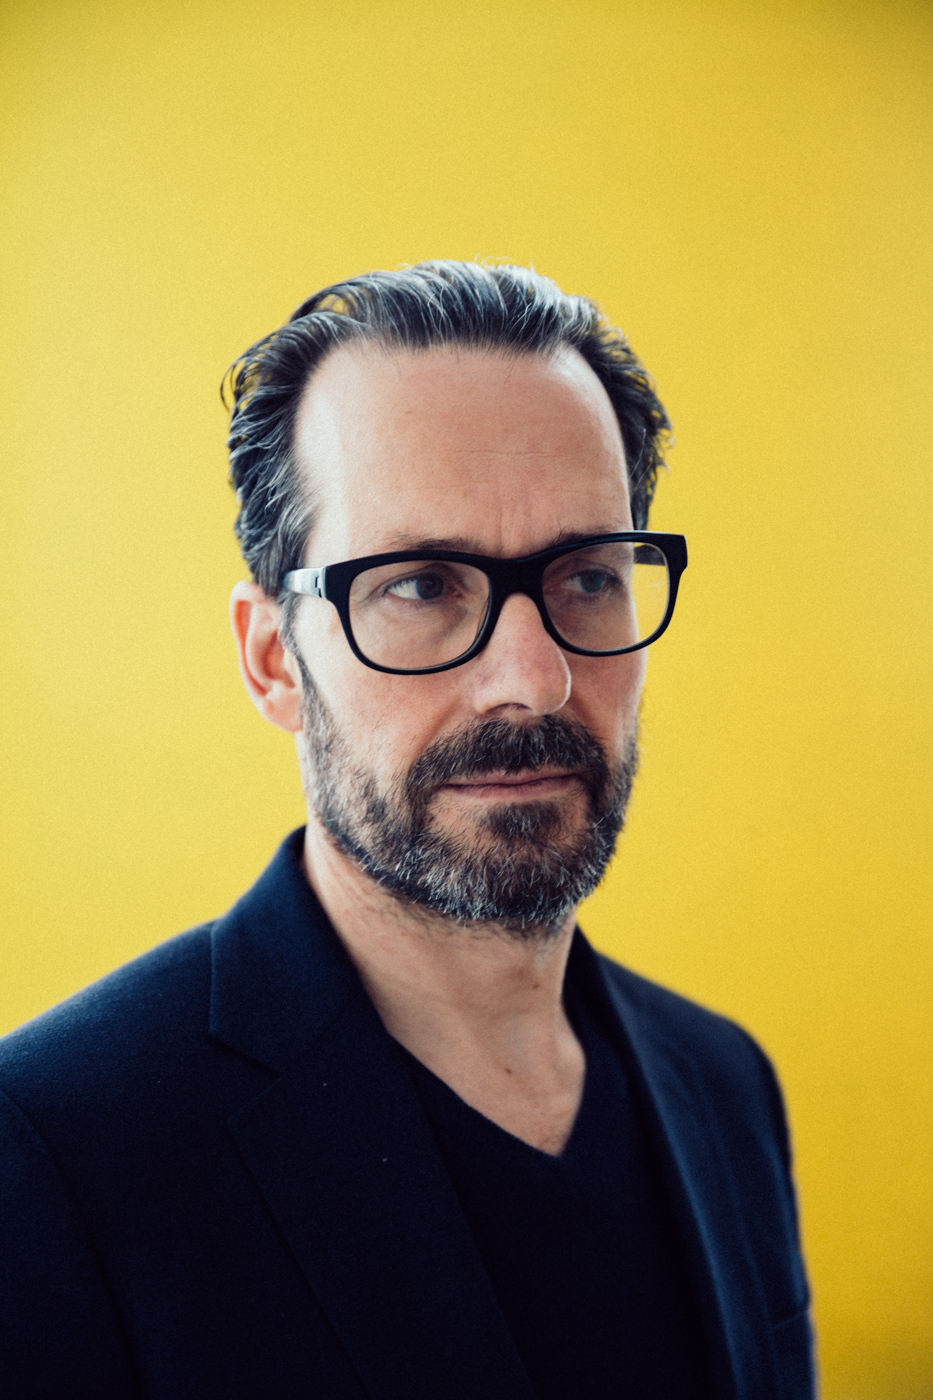 Konstantin Grcic für Frankfurter Allgemeine Quarterly, Berlin 2017